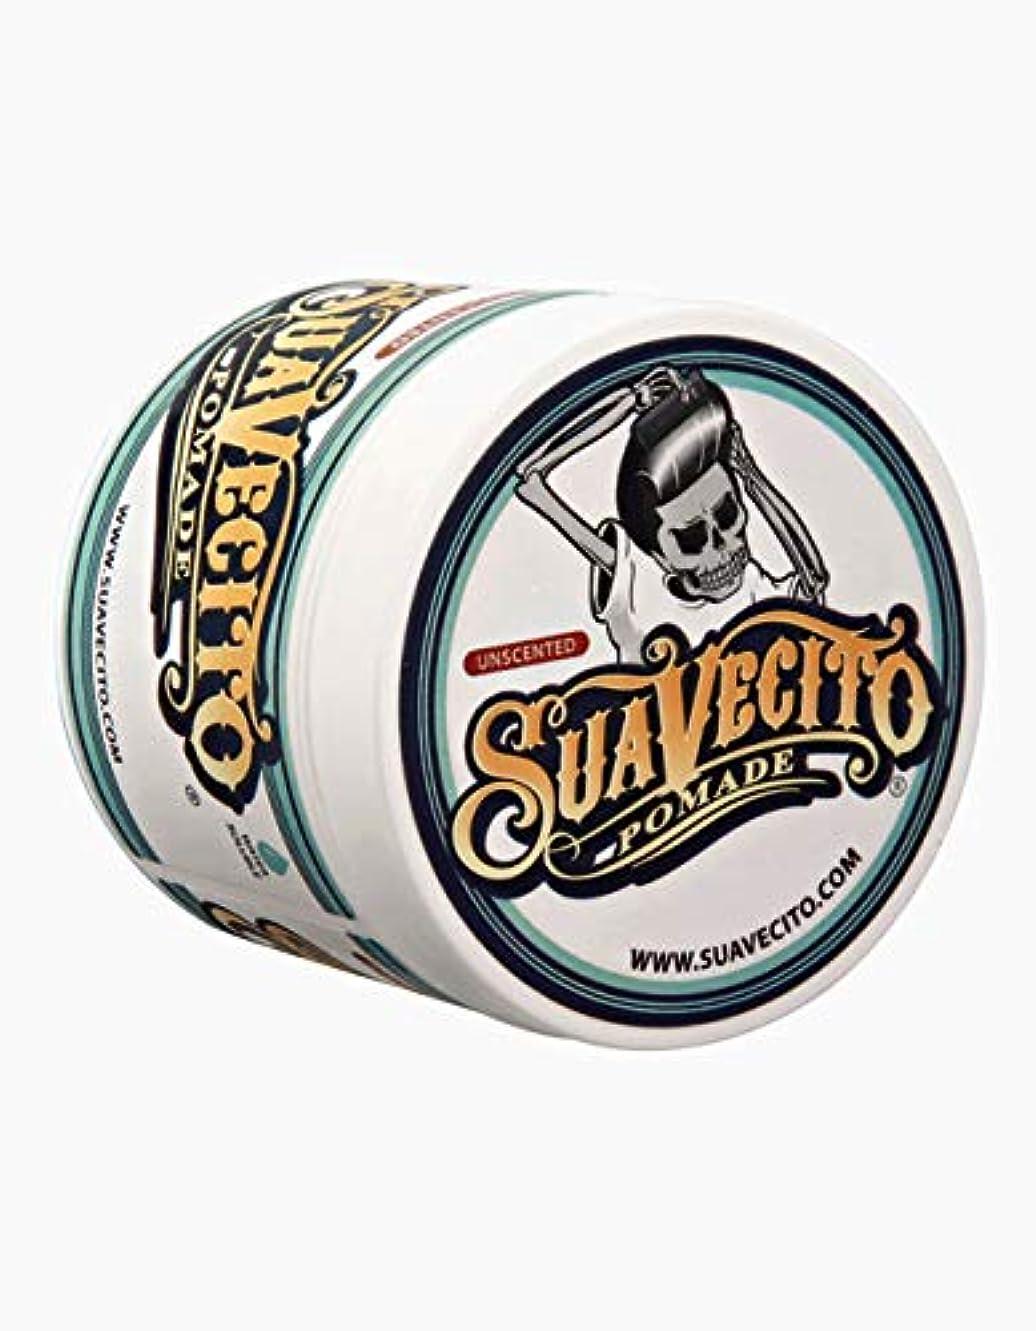 悪い産地ロケットSuavecito 無香料Pomade-ミディアムは男性用スタイリングポマード(4オンス)をホールド 4オンス 元の